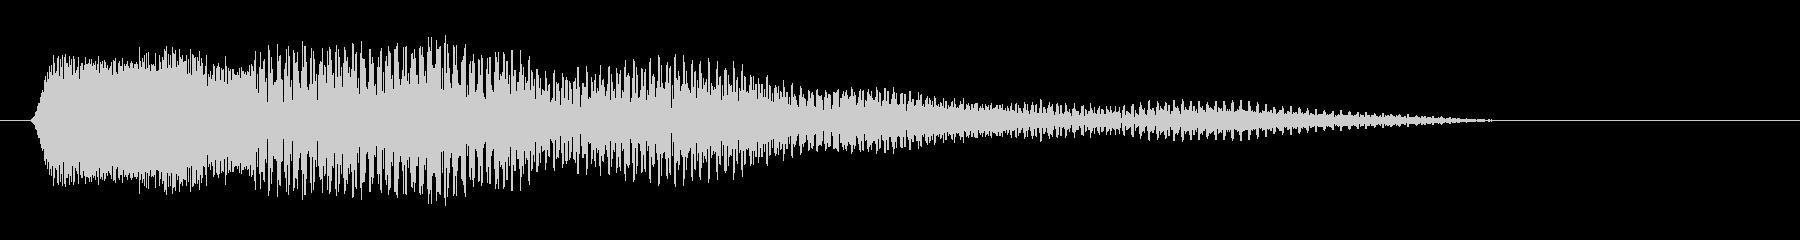 ピボッ(近未来的な操作音)の未再生の波形